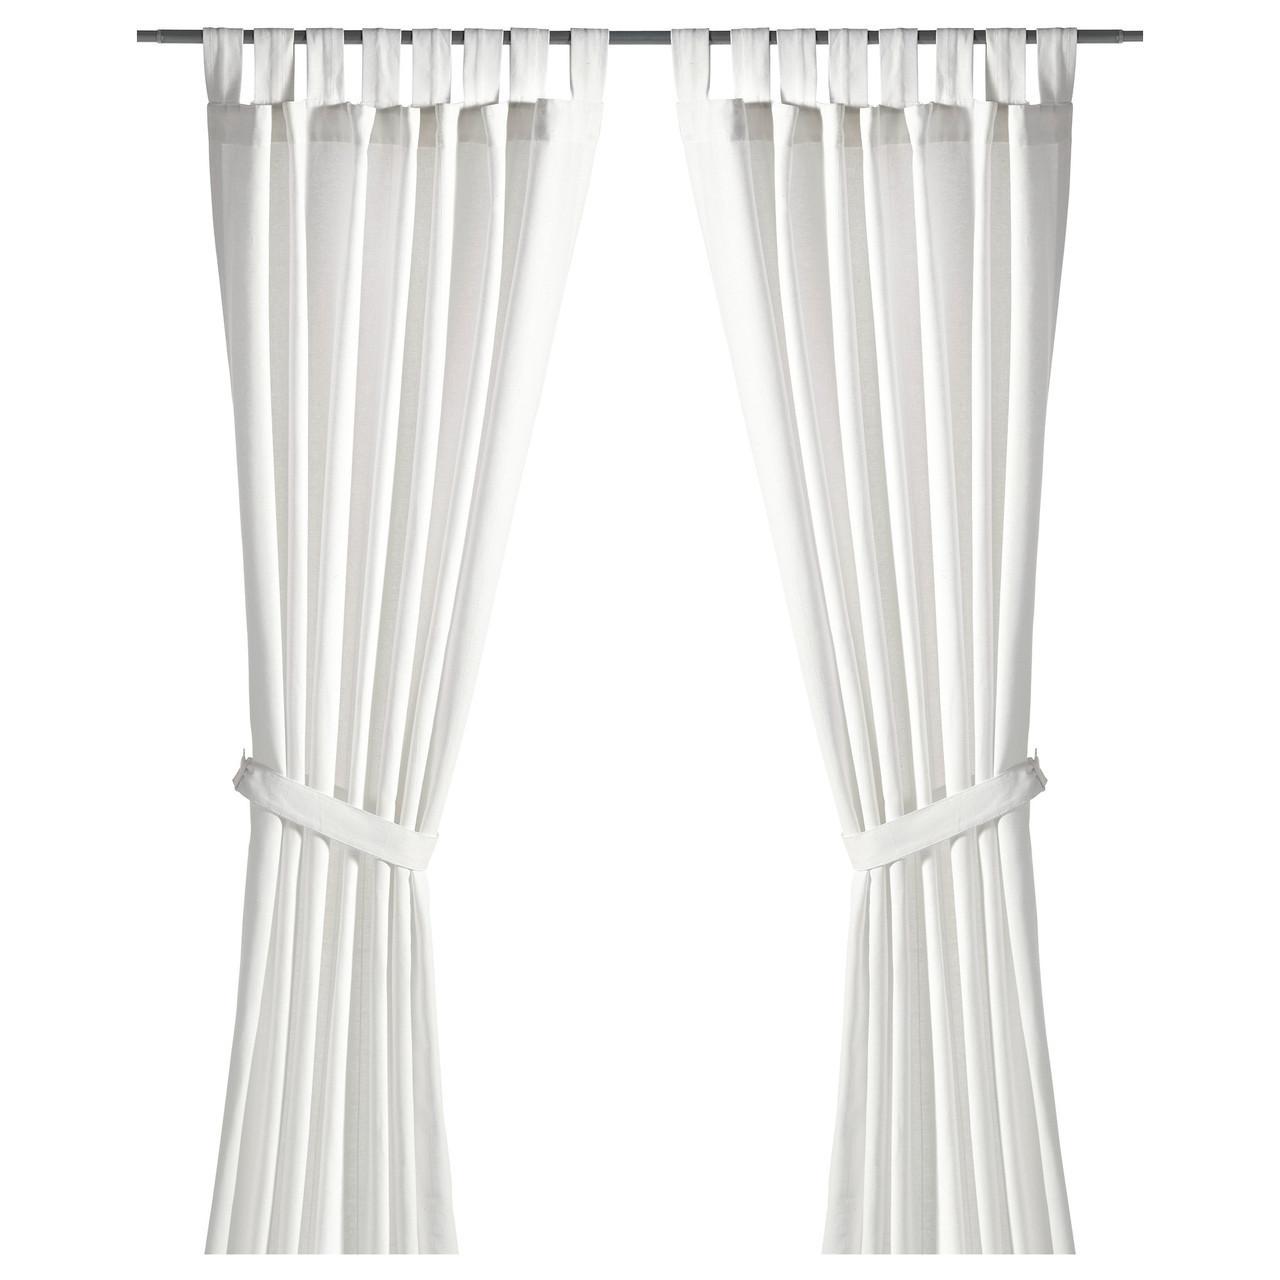 LENDA Завеса с обвязкой, 2 шт., белый светлеет, 500.901.16